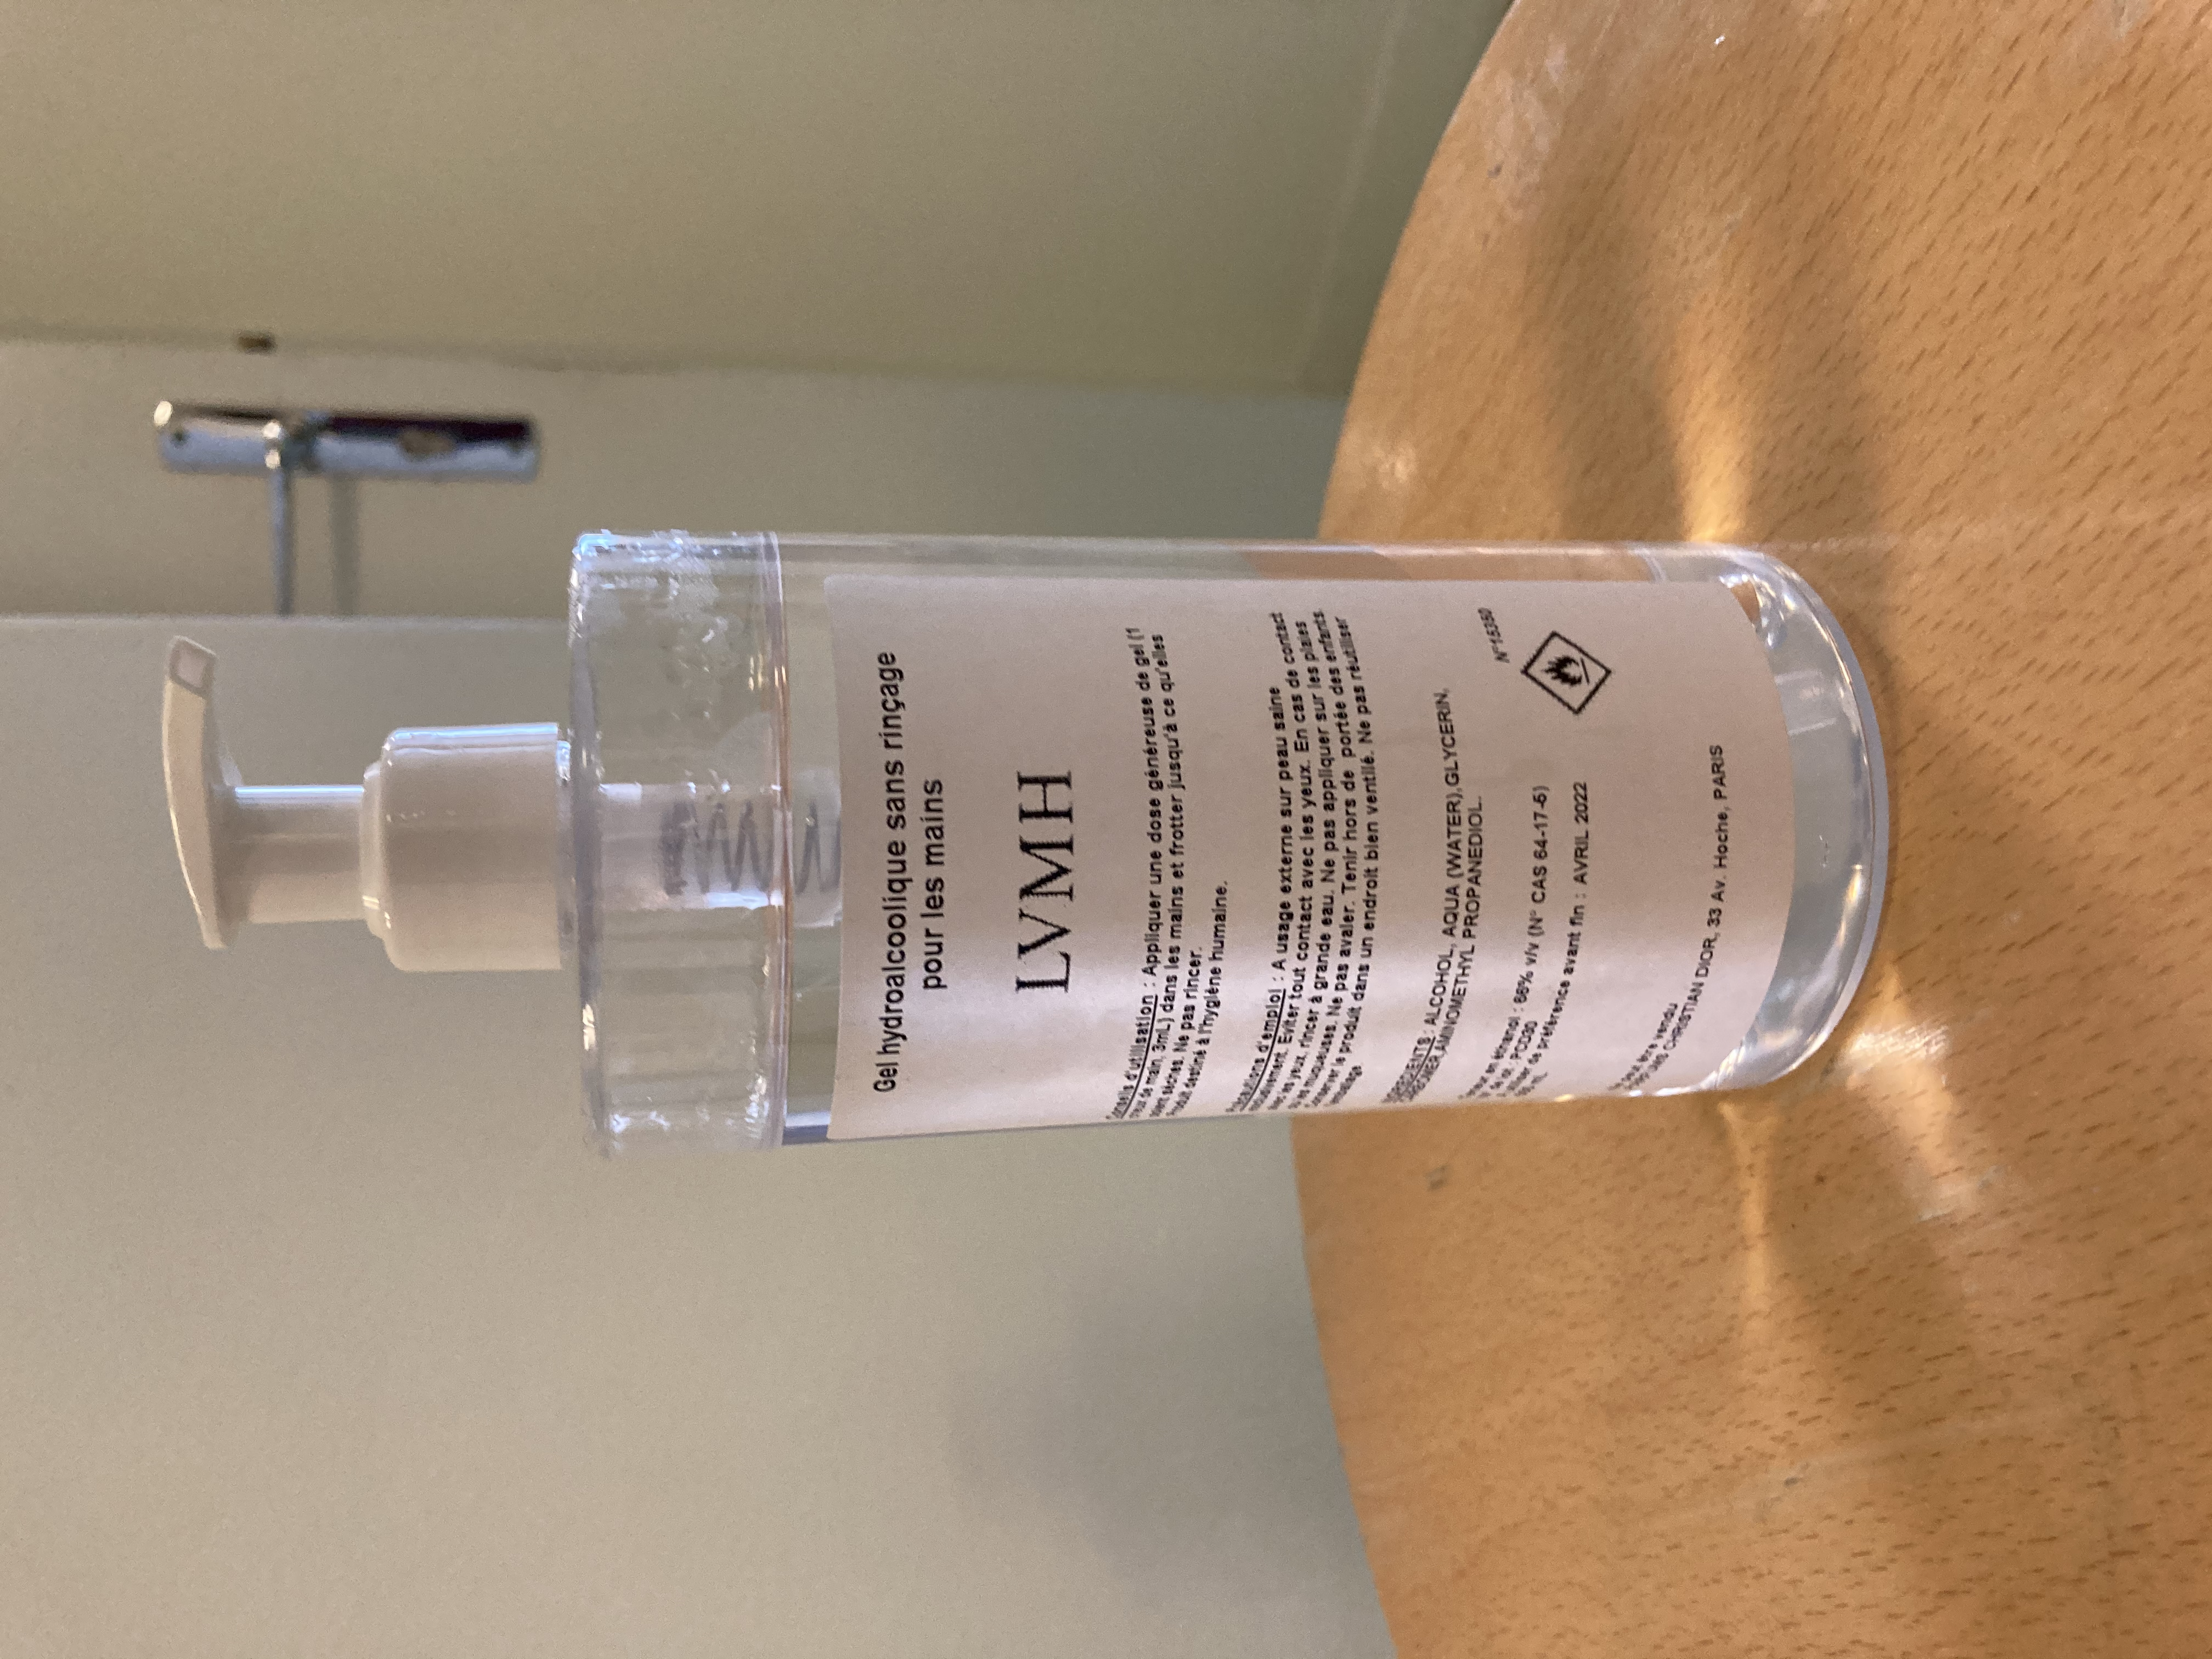 bouteille de gel hydroalcoolique offerte par LVMH